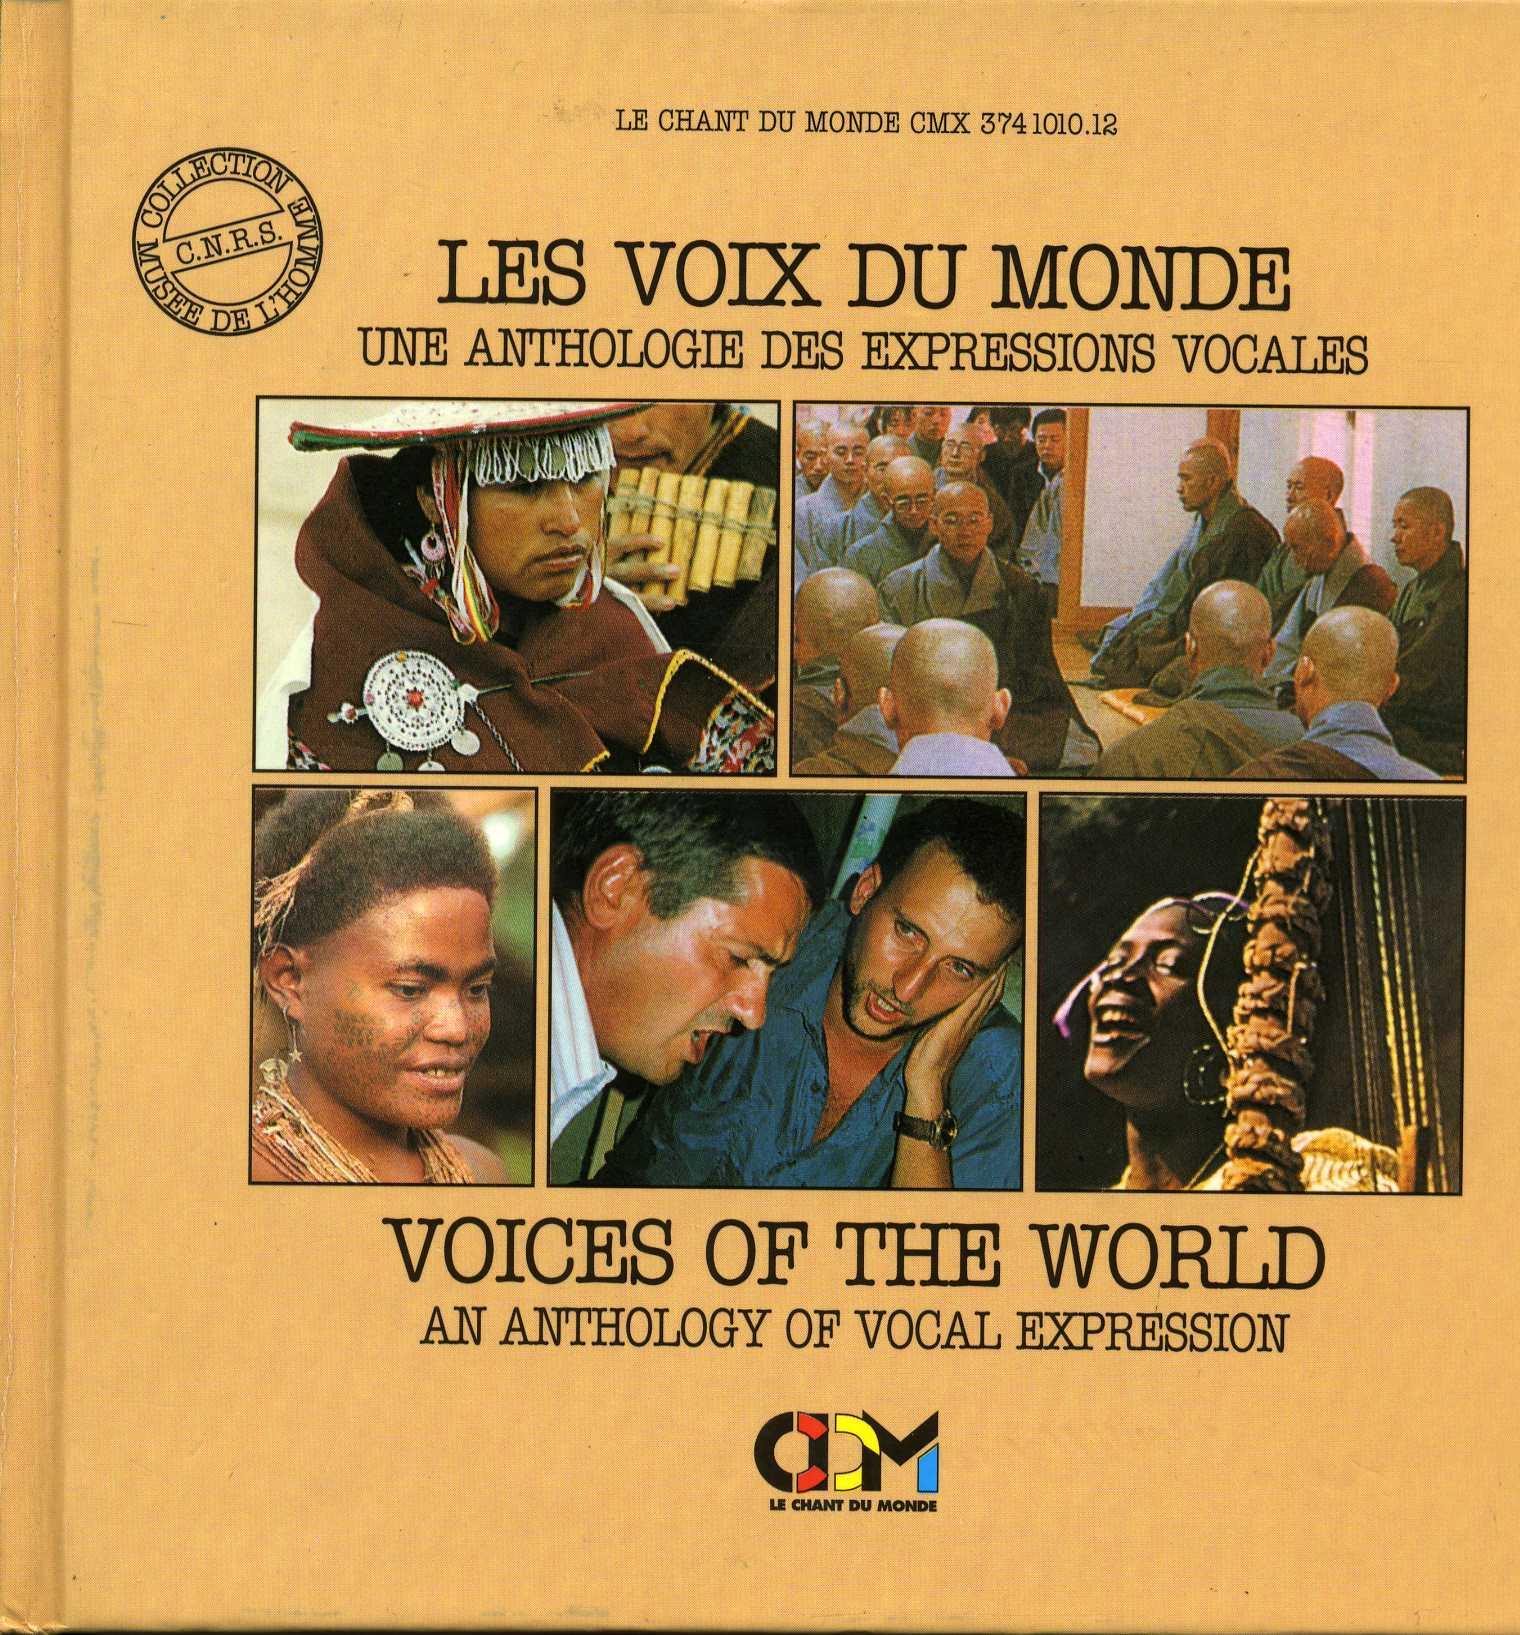 Les voix du monde.jpg